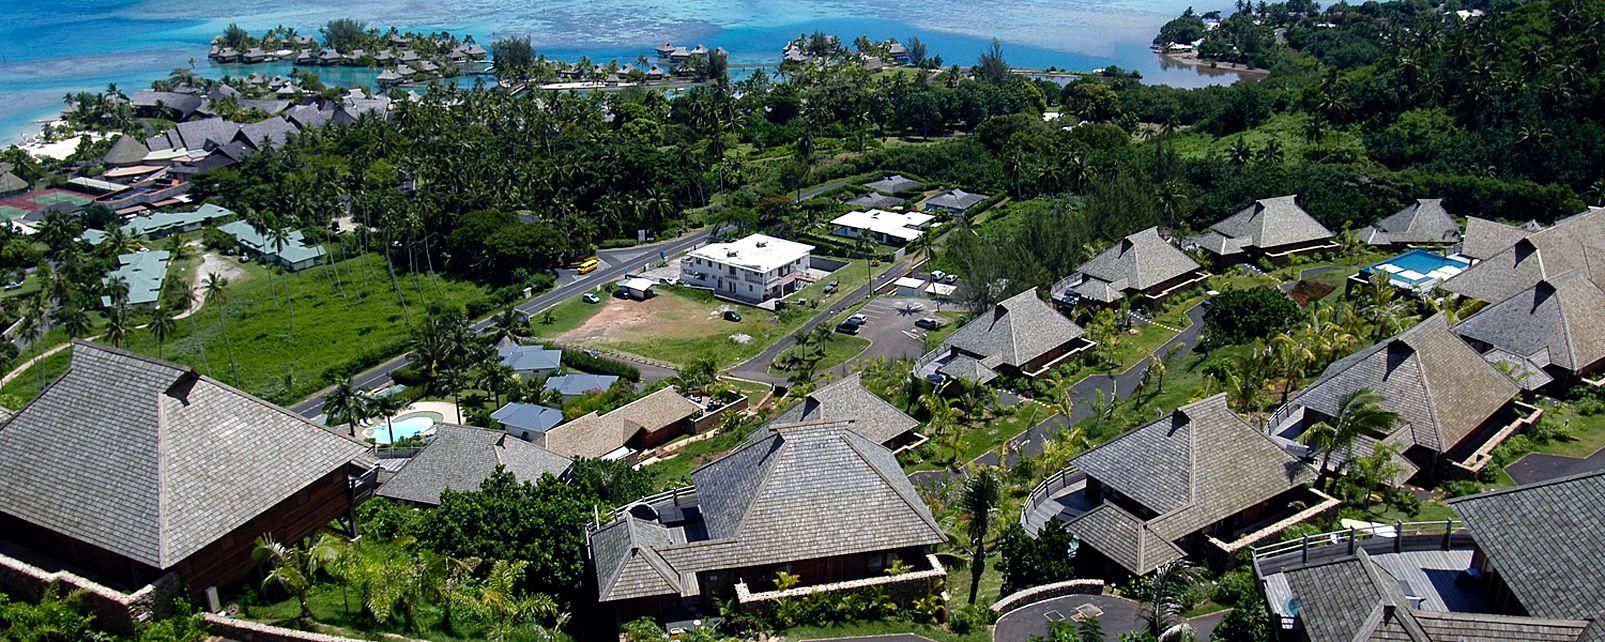 Hotel Legends Resort Moorea